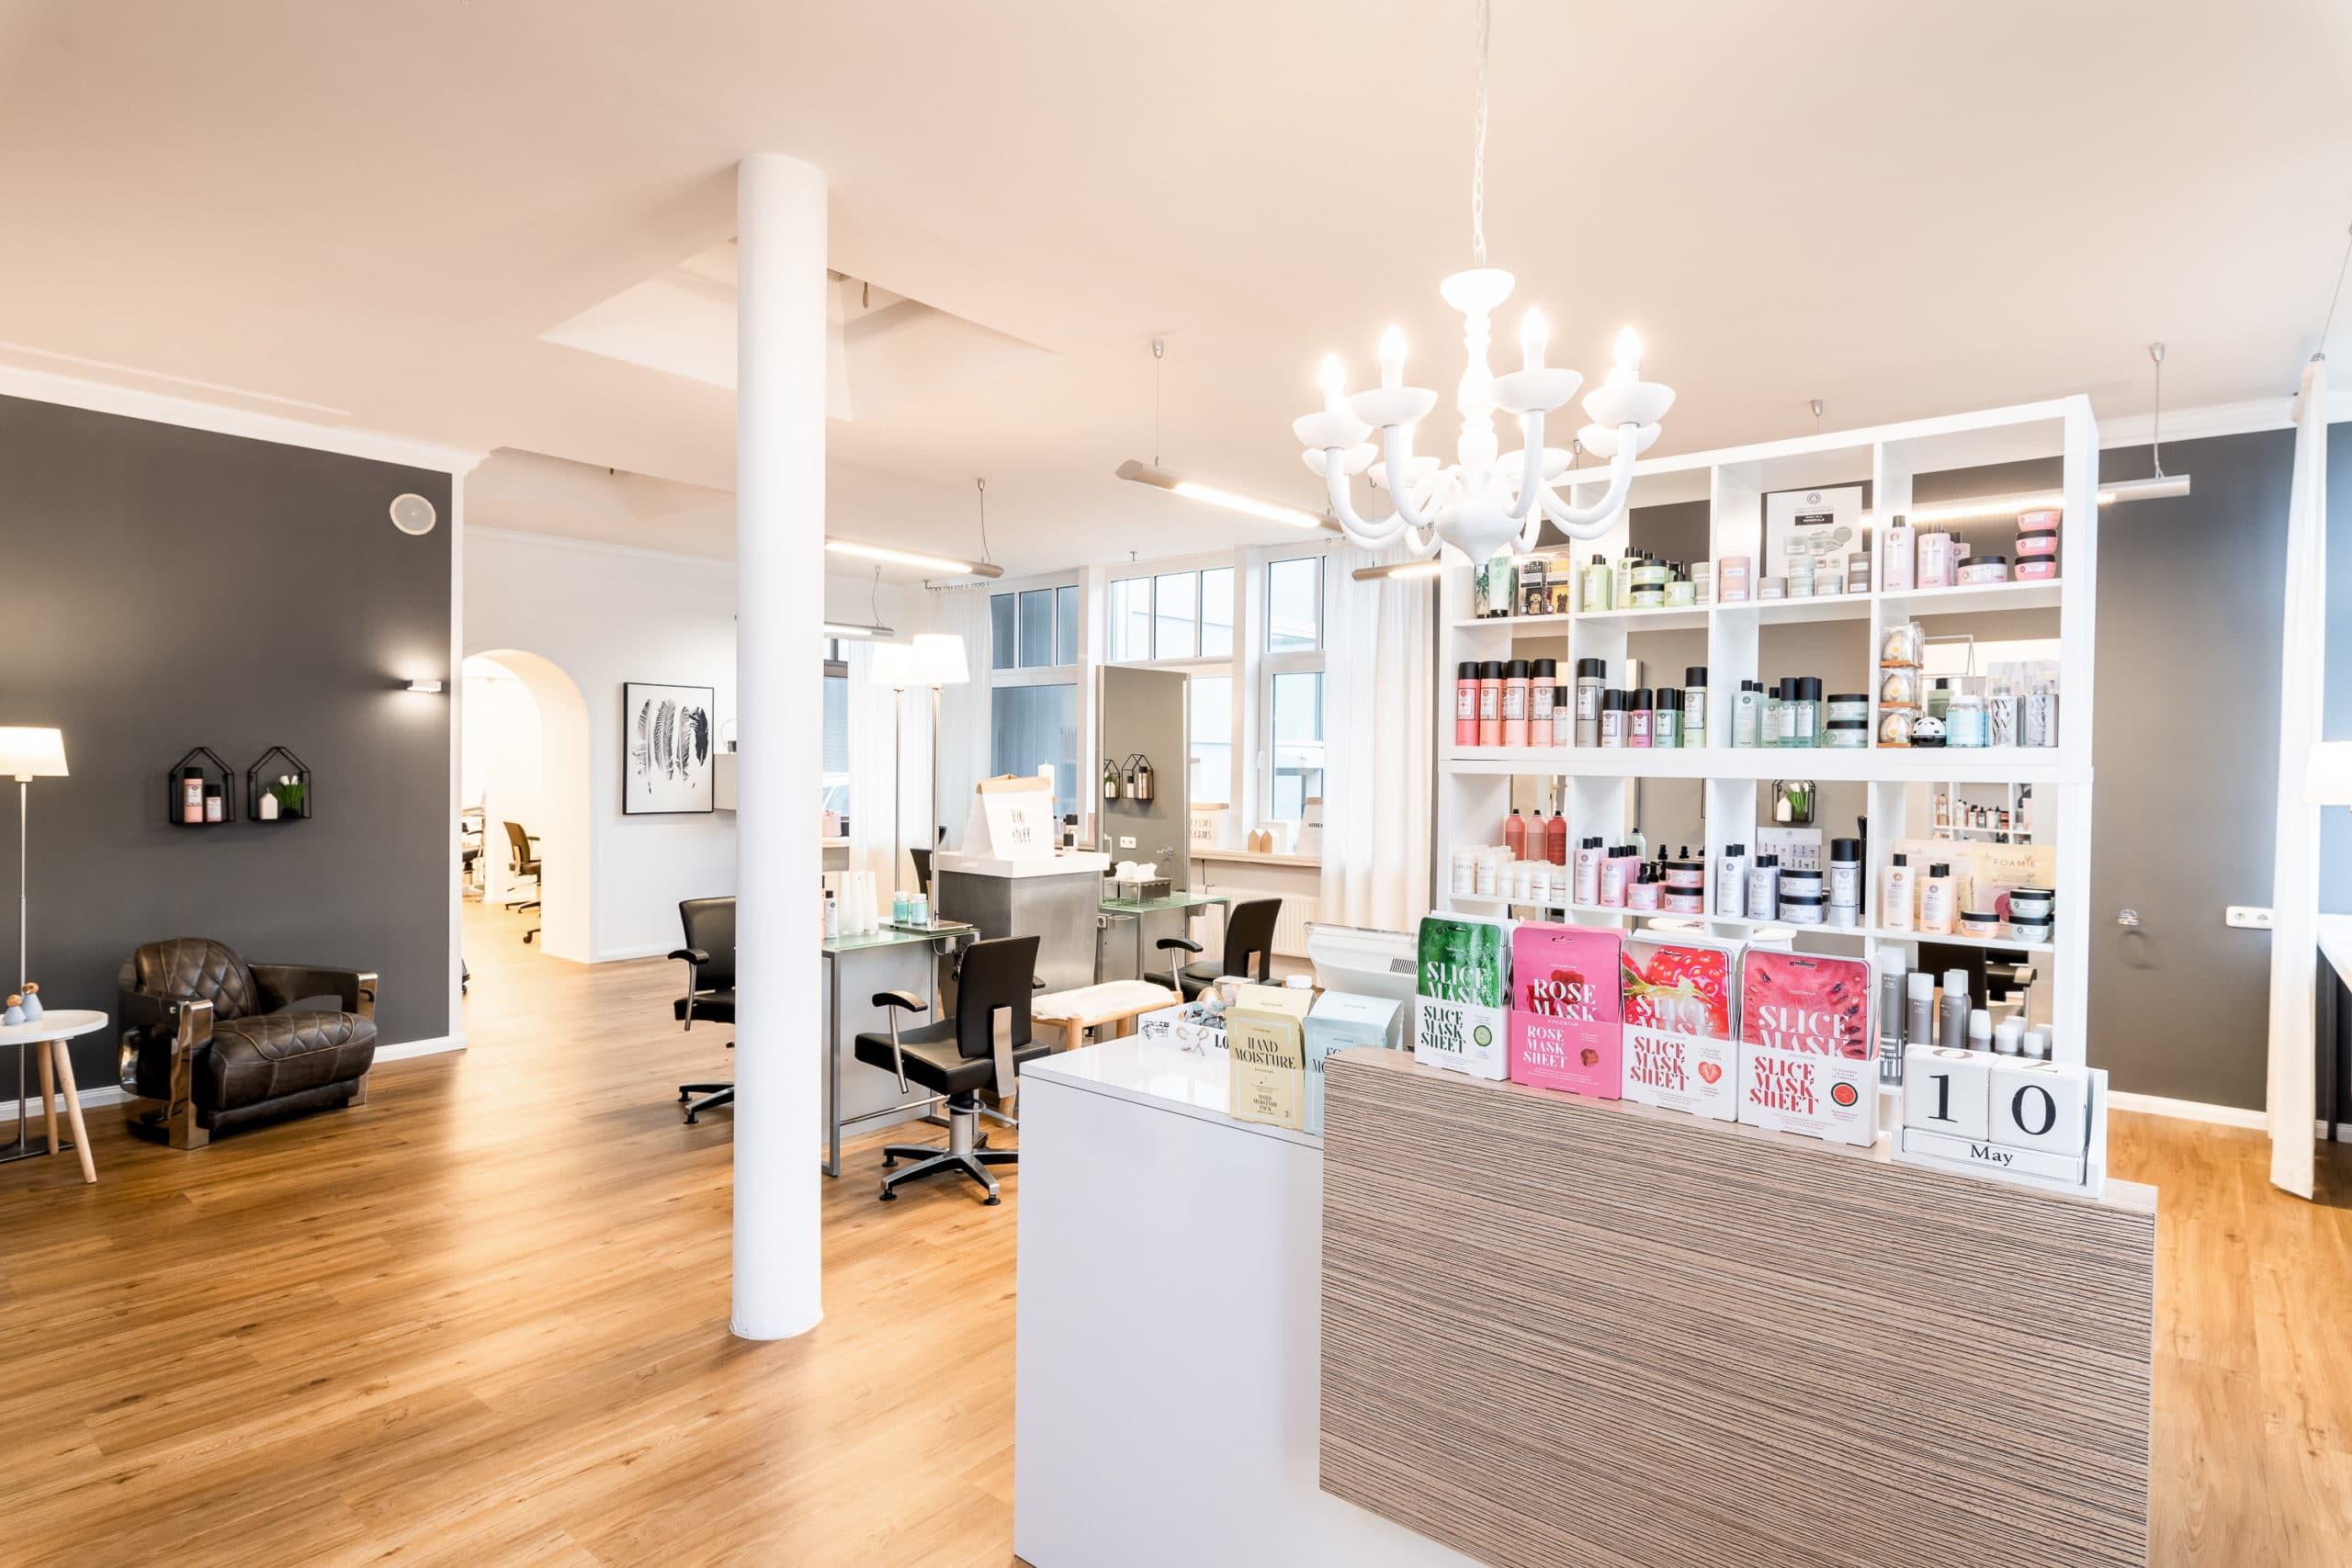 Einladend beleuchtete Innenaufnahme eines modernen Friseur Salons  Architekturfotograf für Unternehmensfotografie in Osnabrück Münster Bielefeld NRW Niedersachsen und bundesweit